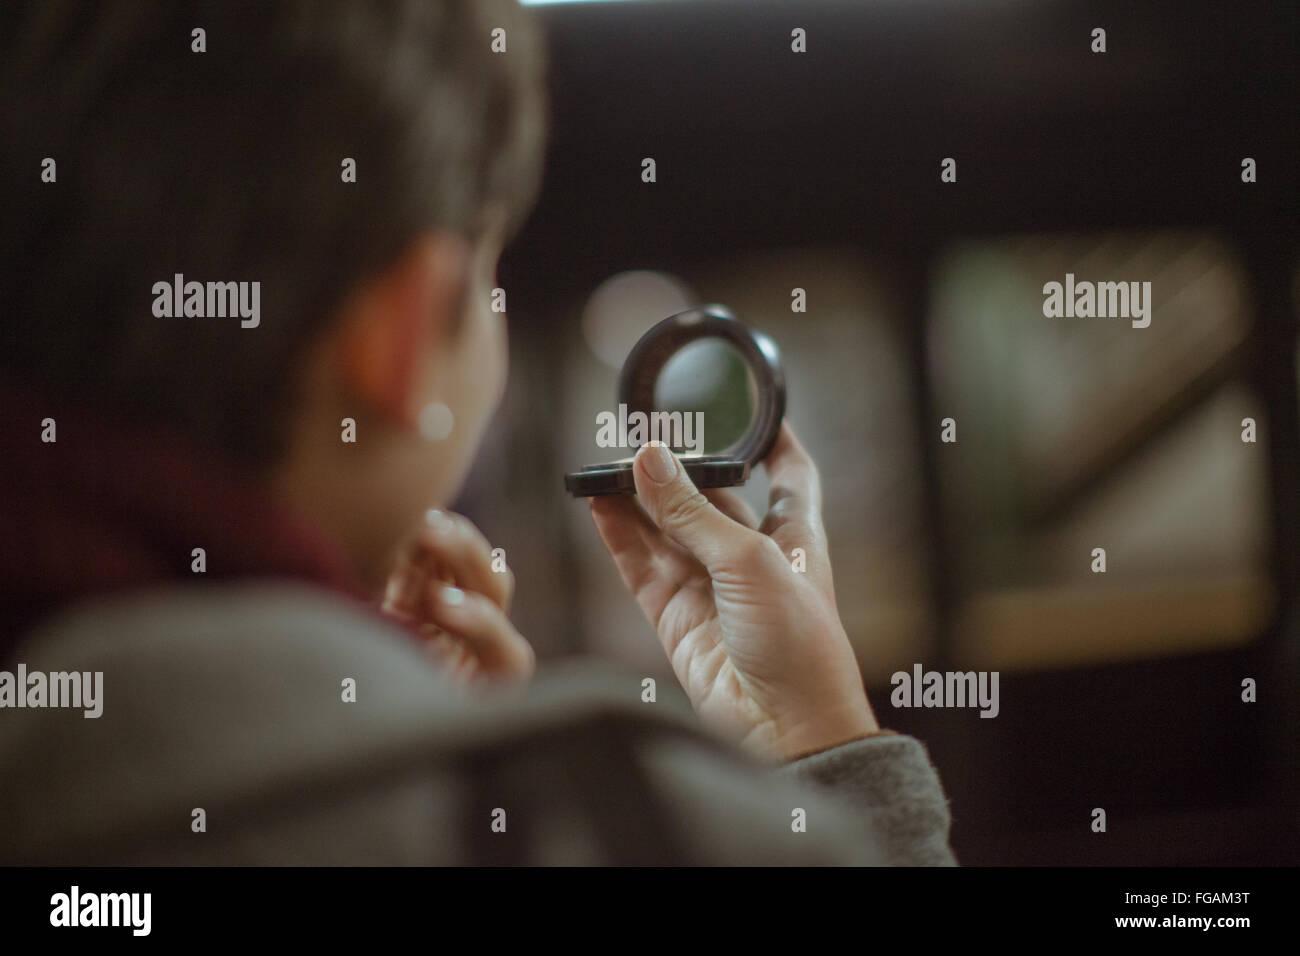 Immagine ritagliata della Donna che mantiene lo specchio a mano a casa Immagini Stock